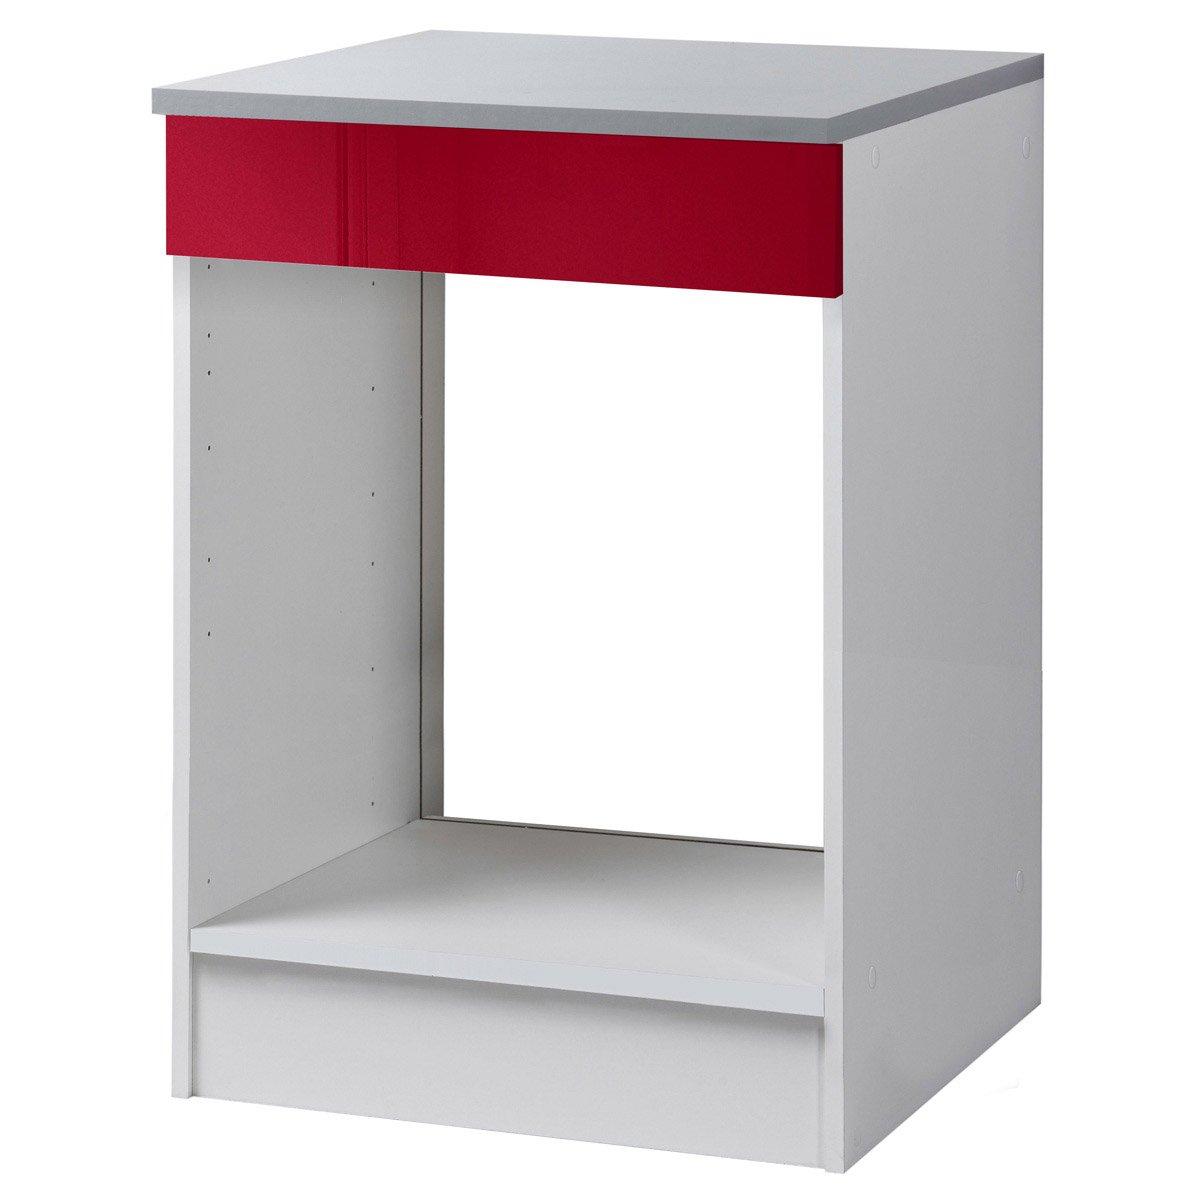 meuble de cuisine bas four rouge brillant h86x l60x. Black Bedroom Furniture Sets. Home Design Ideas